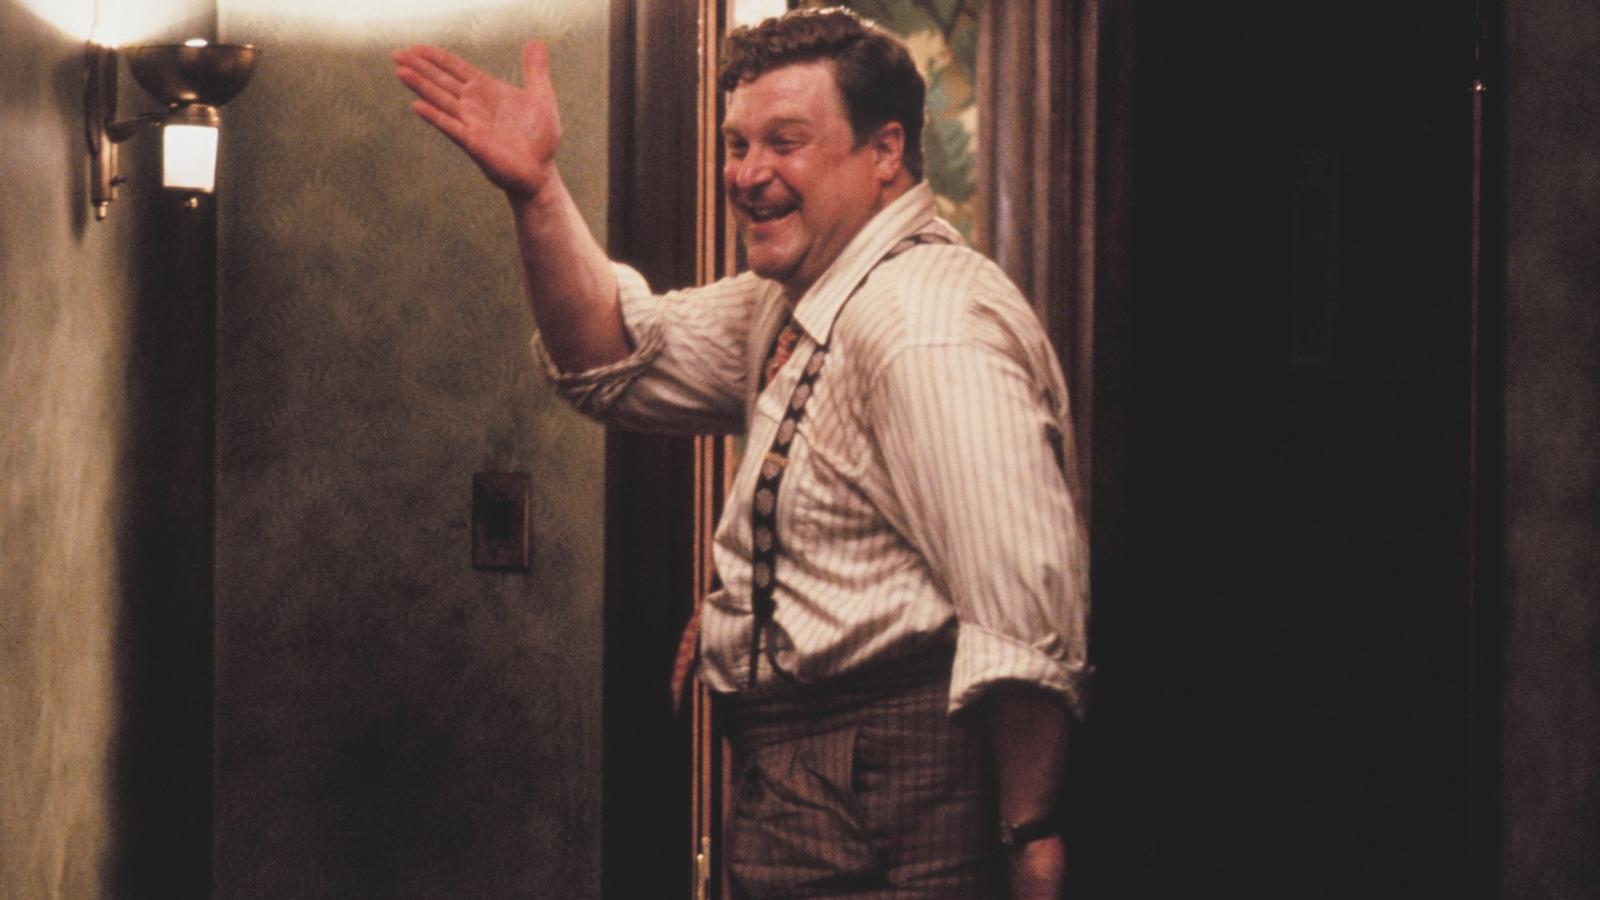 Un homme sort d'une pièce en souriant et en levant la main.